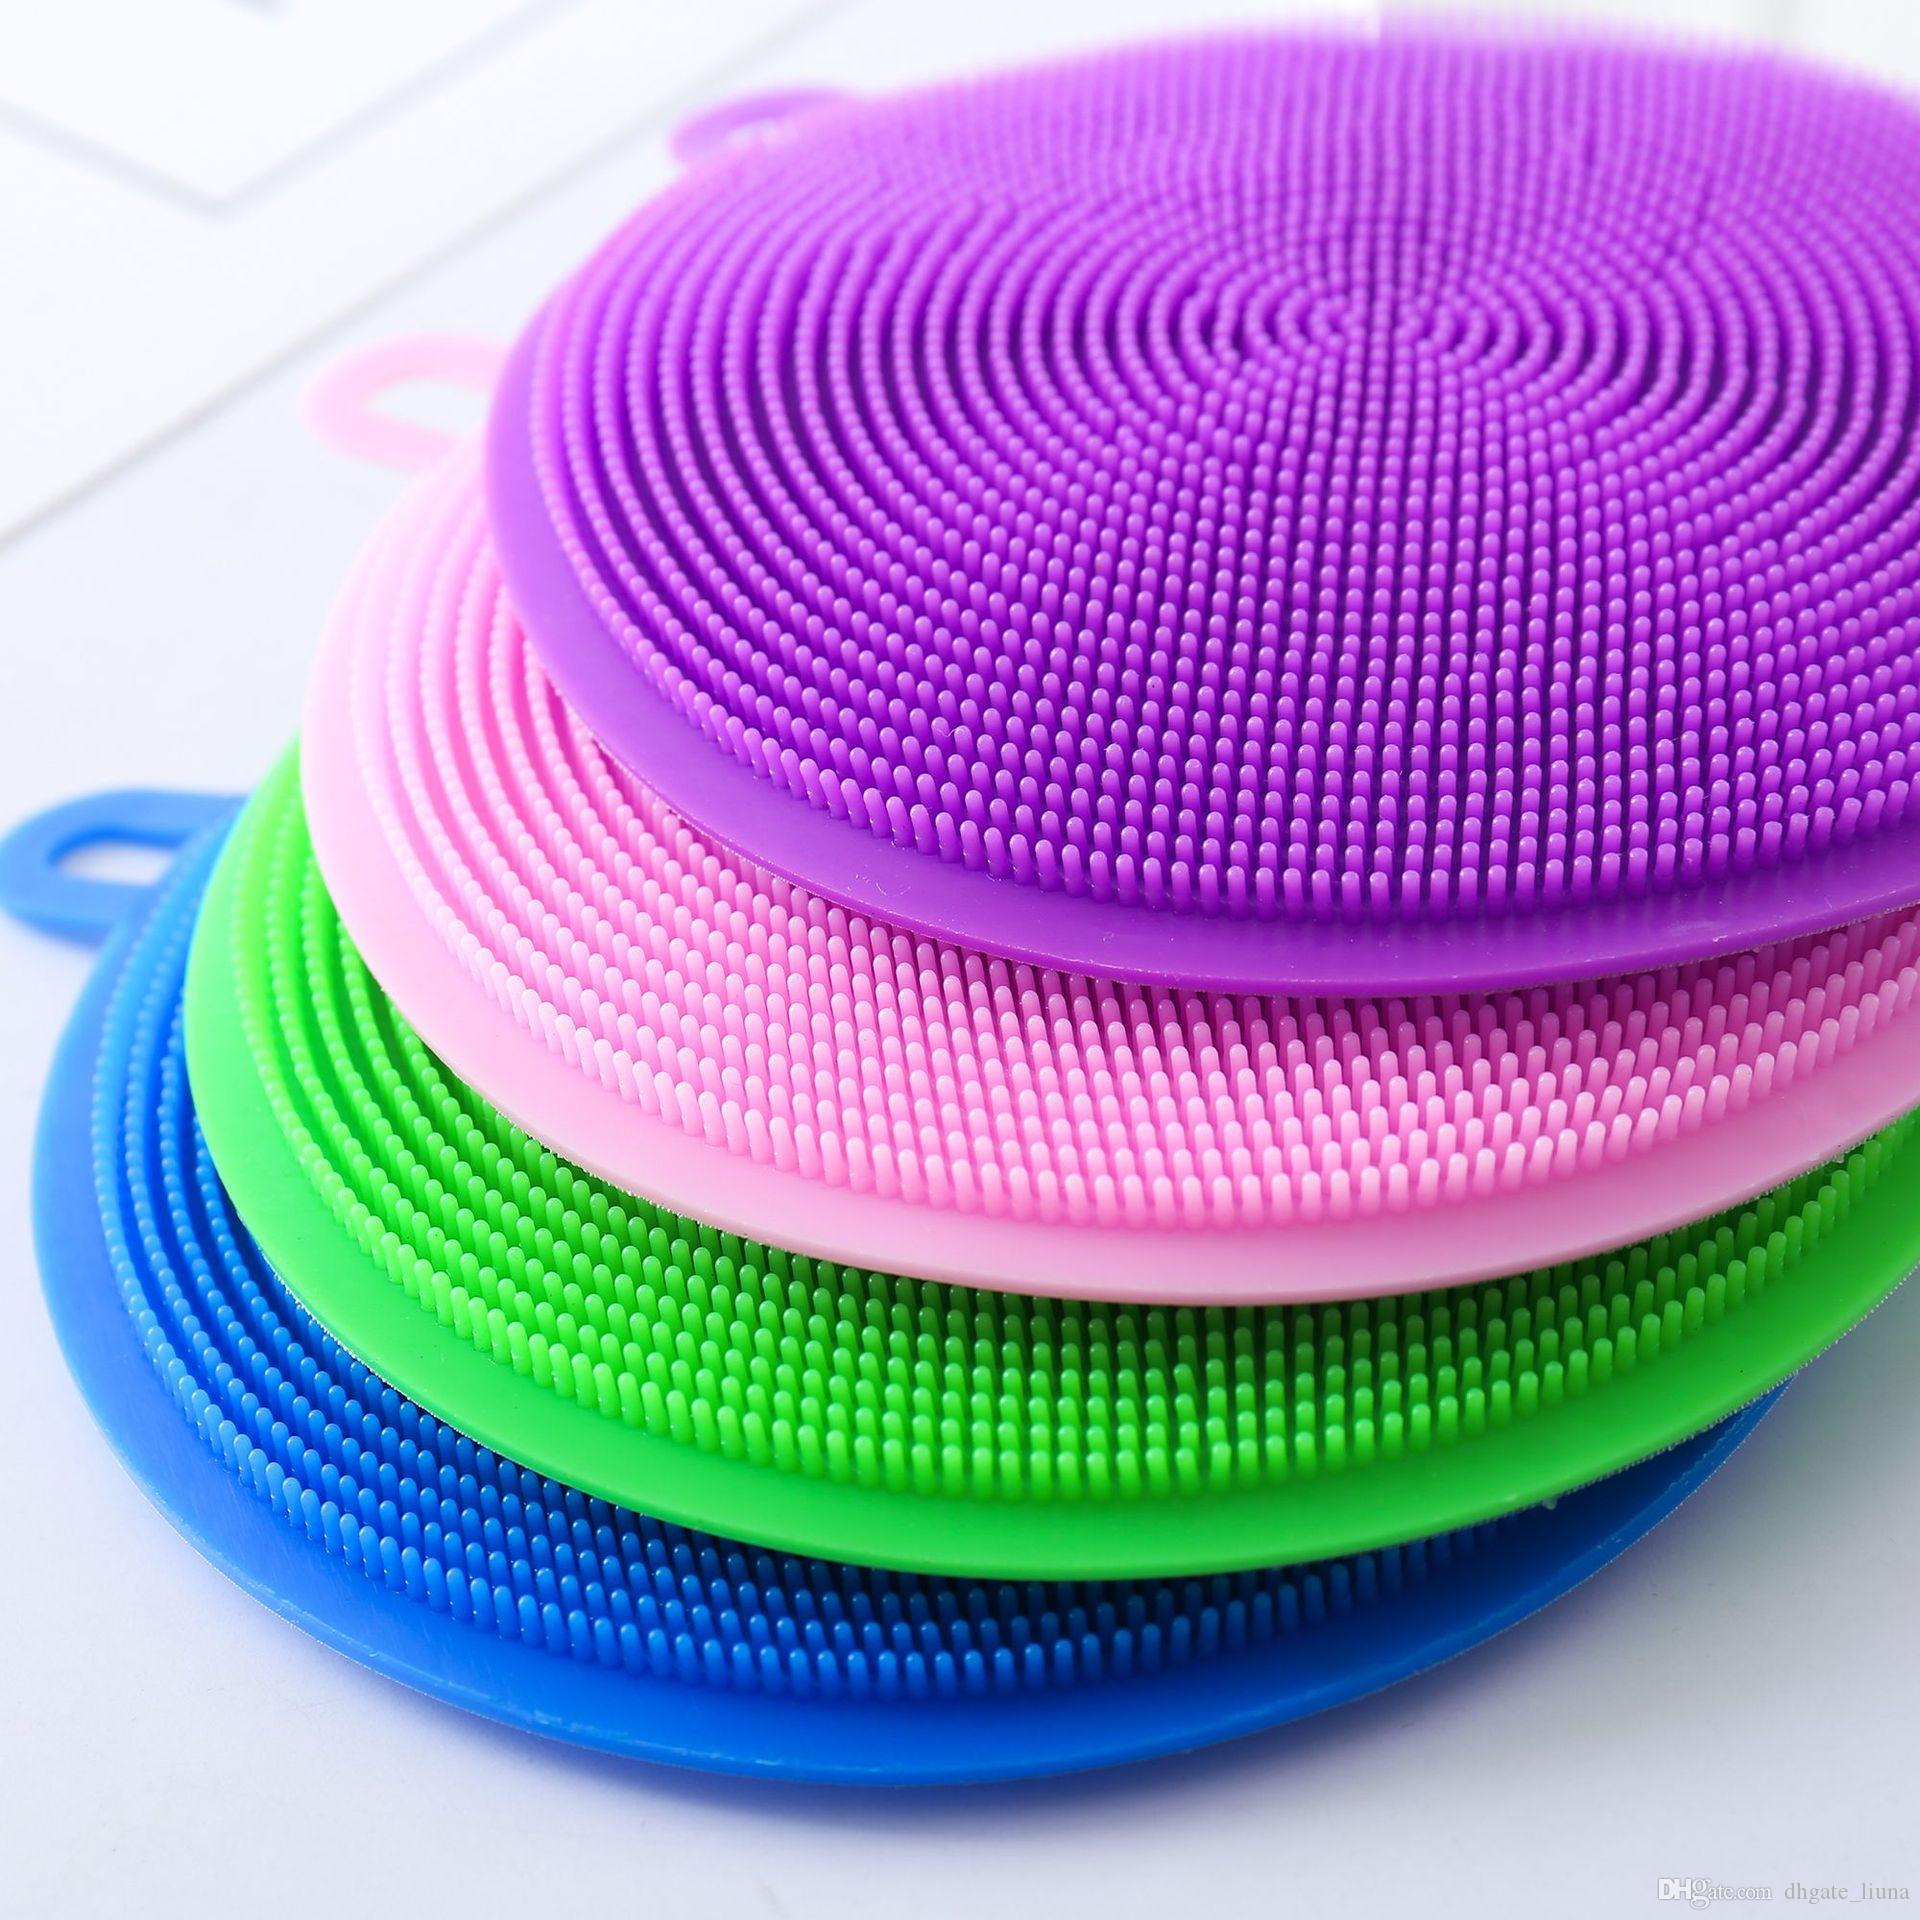 Cepillo de Gel de sílice Cepillos de Lavado Universal Hot Multiusos Antibacterial Silicona Smart Sponge Cleaning Dish Herramientas de Cocina